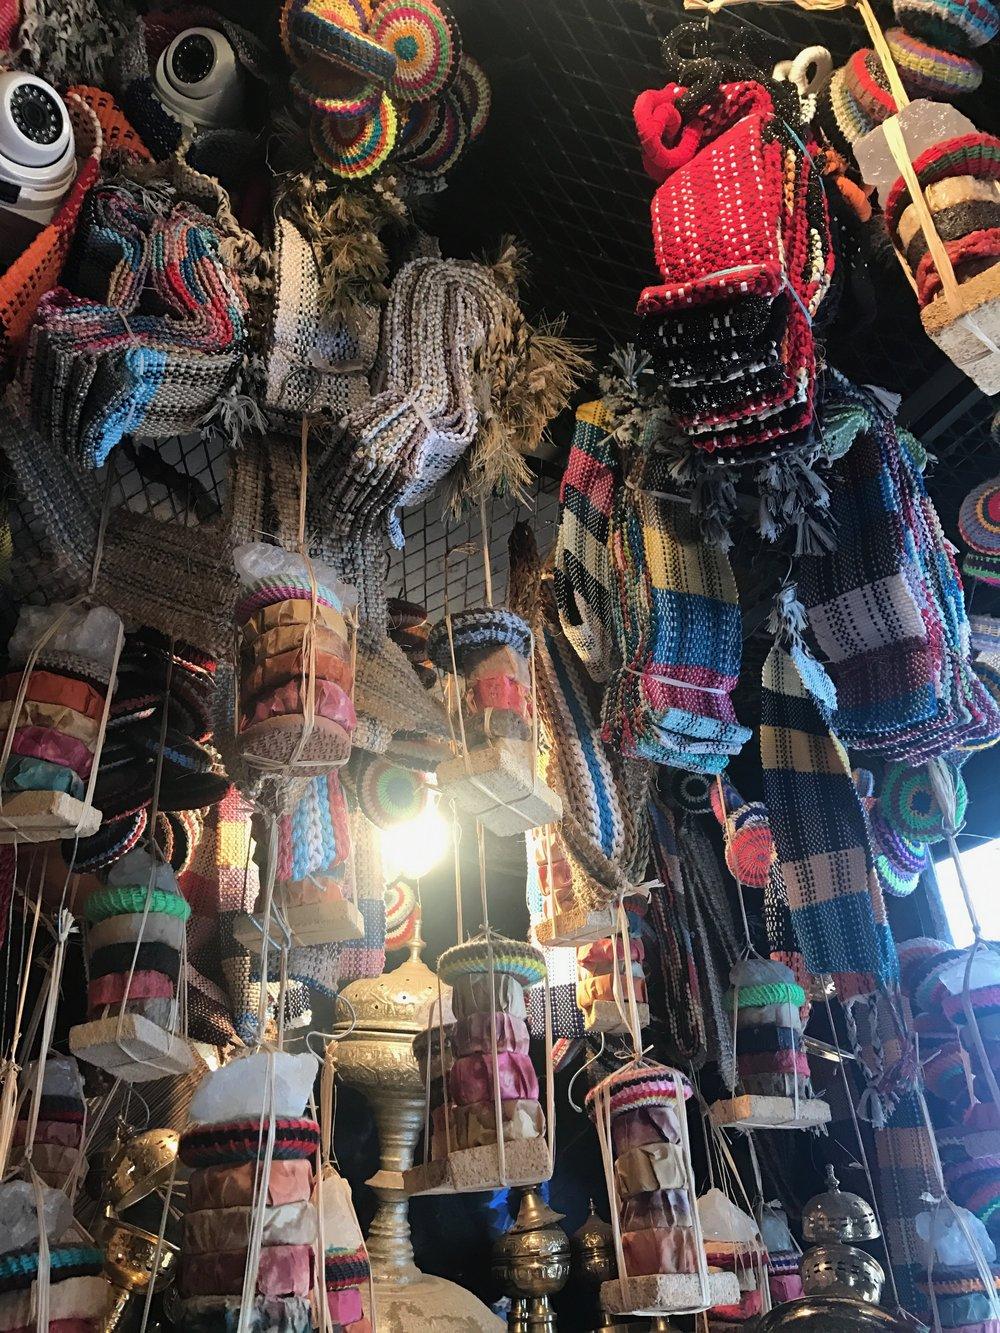 La Botica de la Abuela Aladdin  , a two story mecca for soaps and fabric woven baskets.